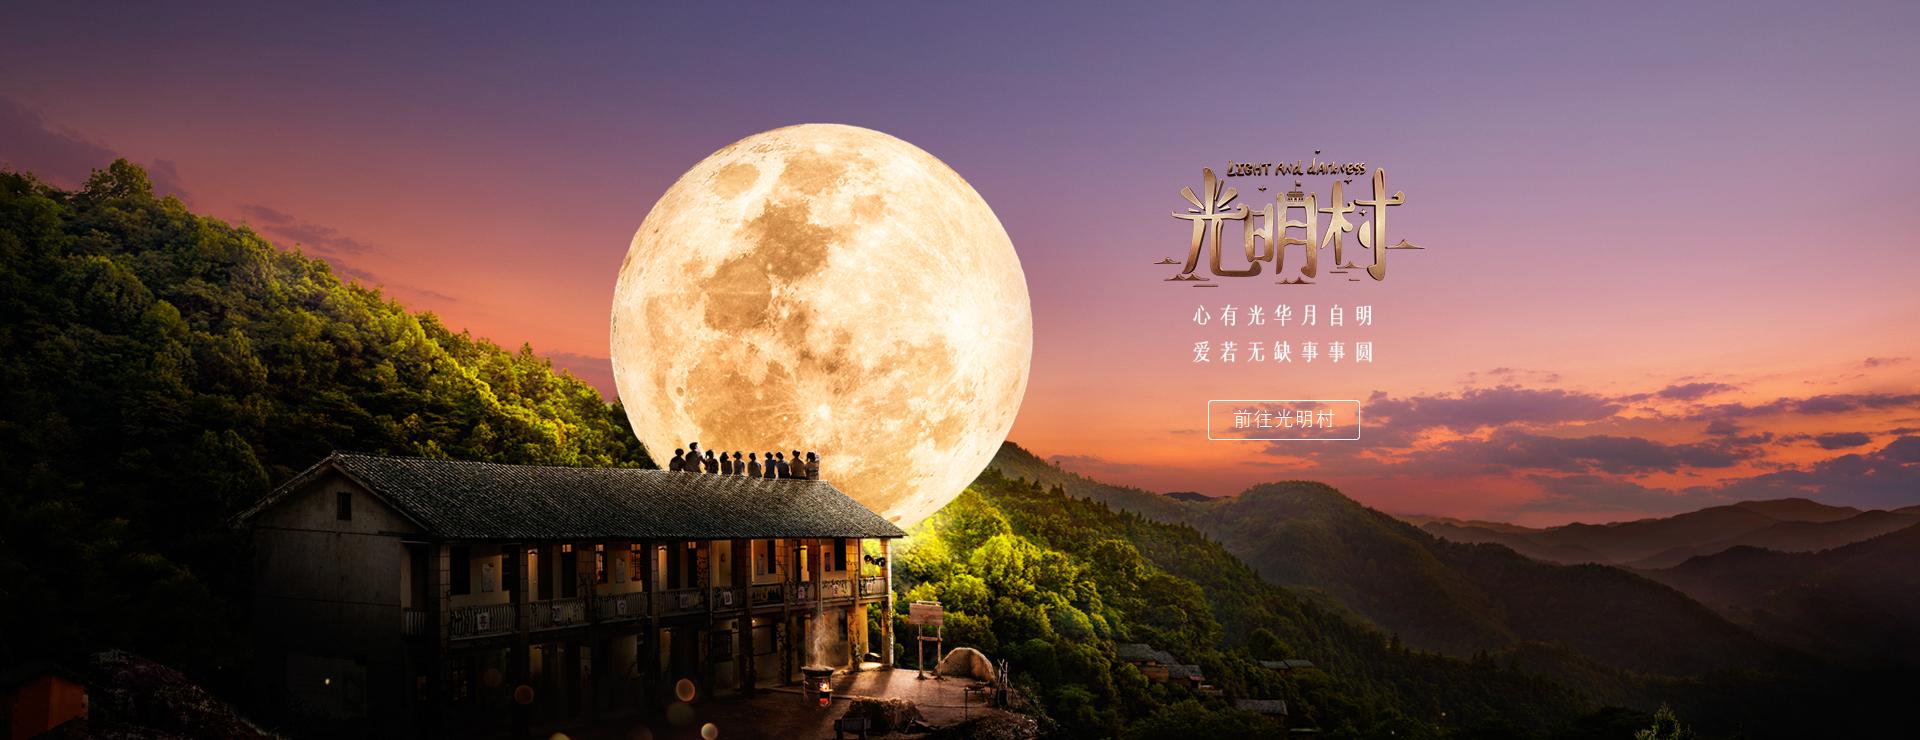 方太中秋光明村 - FOTILE方太厨房电器官方网站